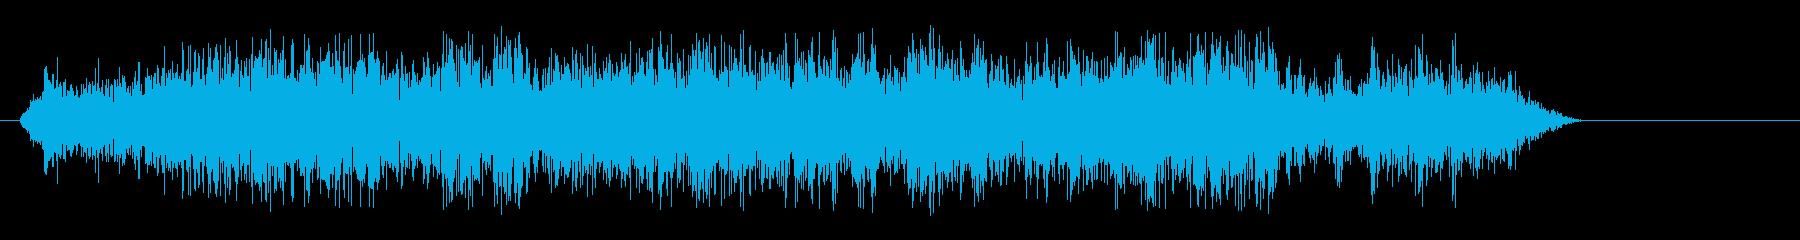 シャーッ(鋭い音色)の再生済みの波形